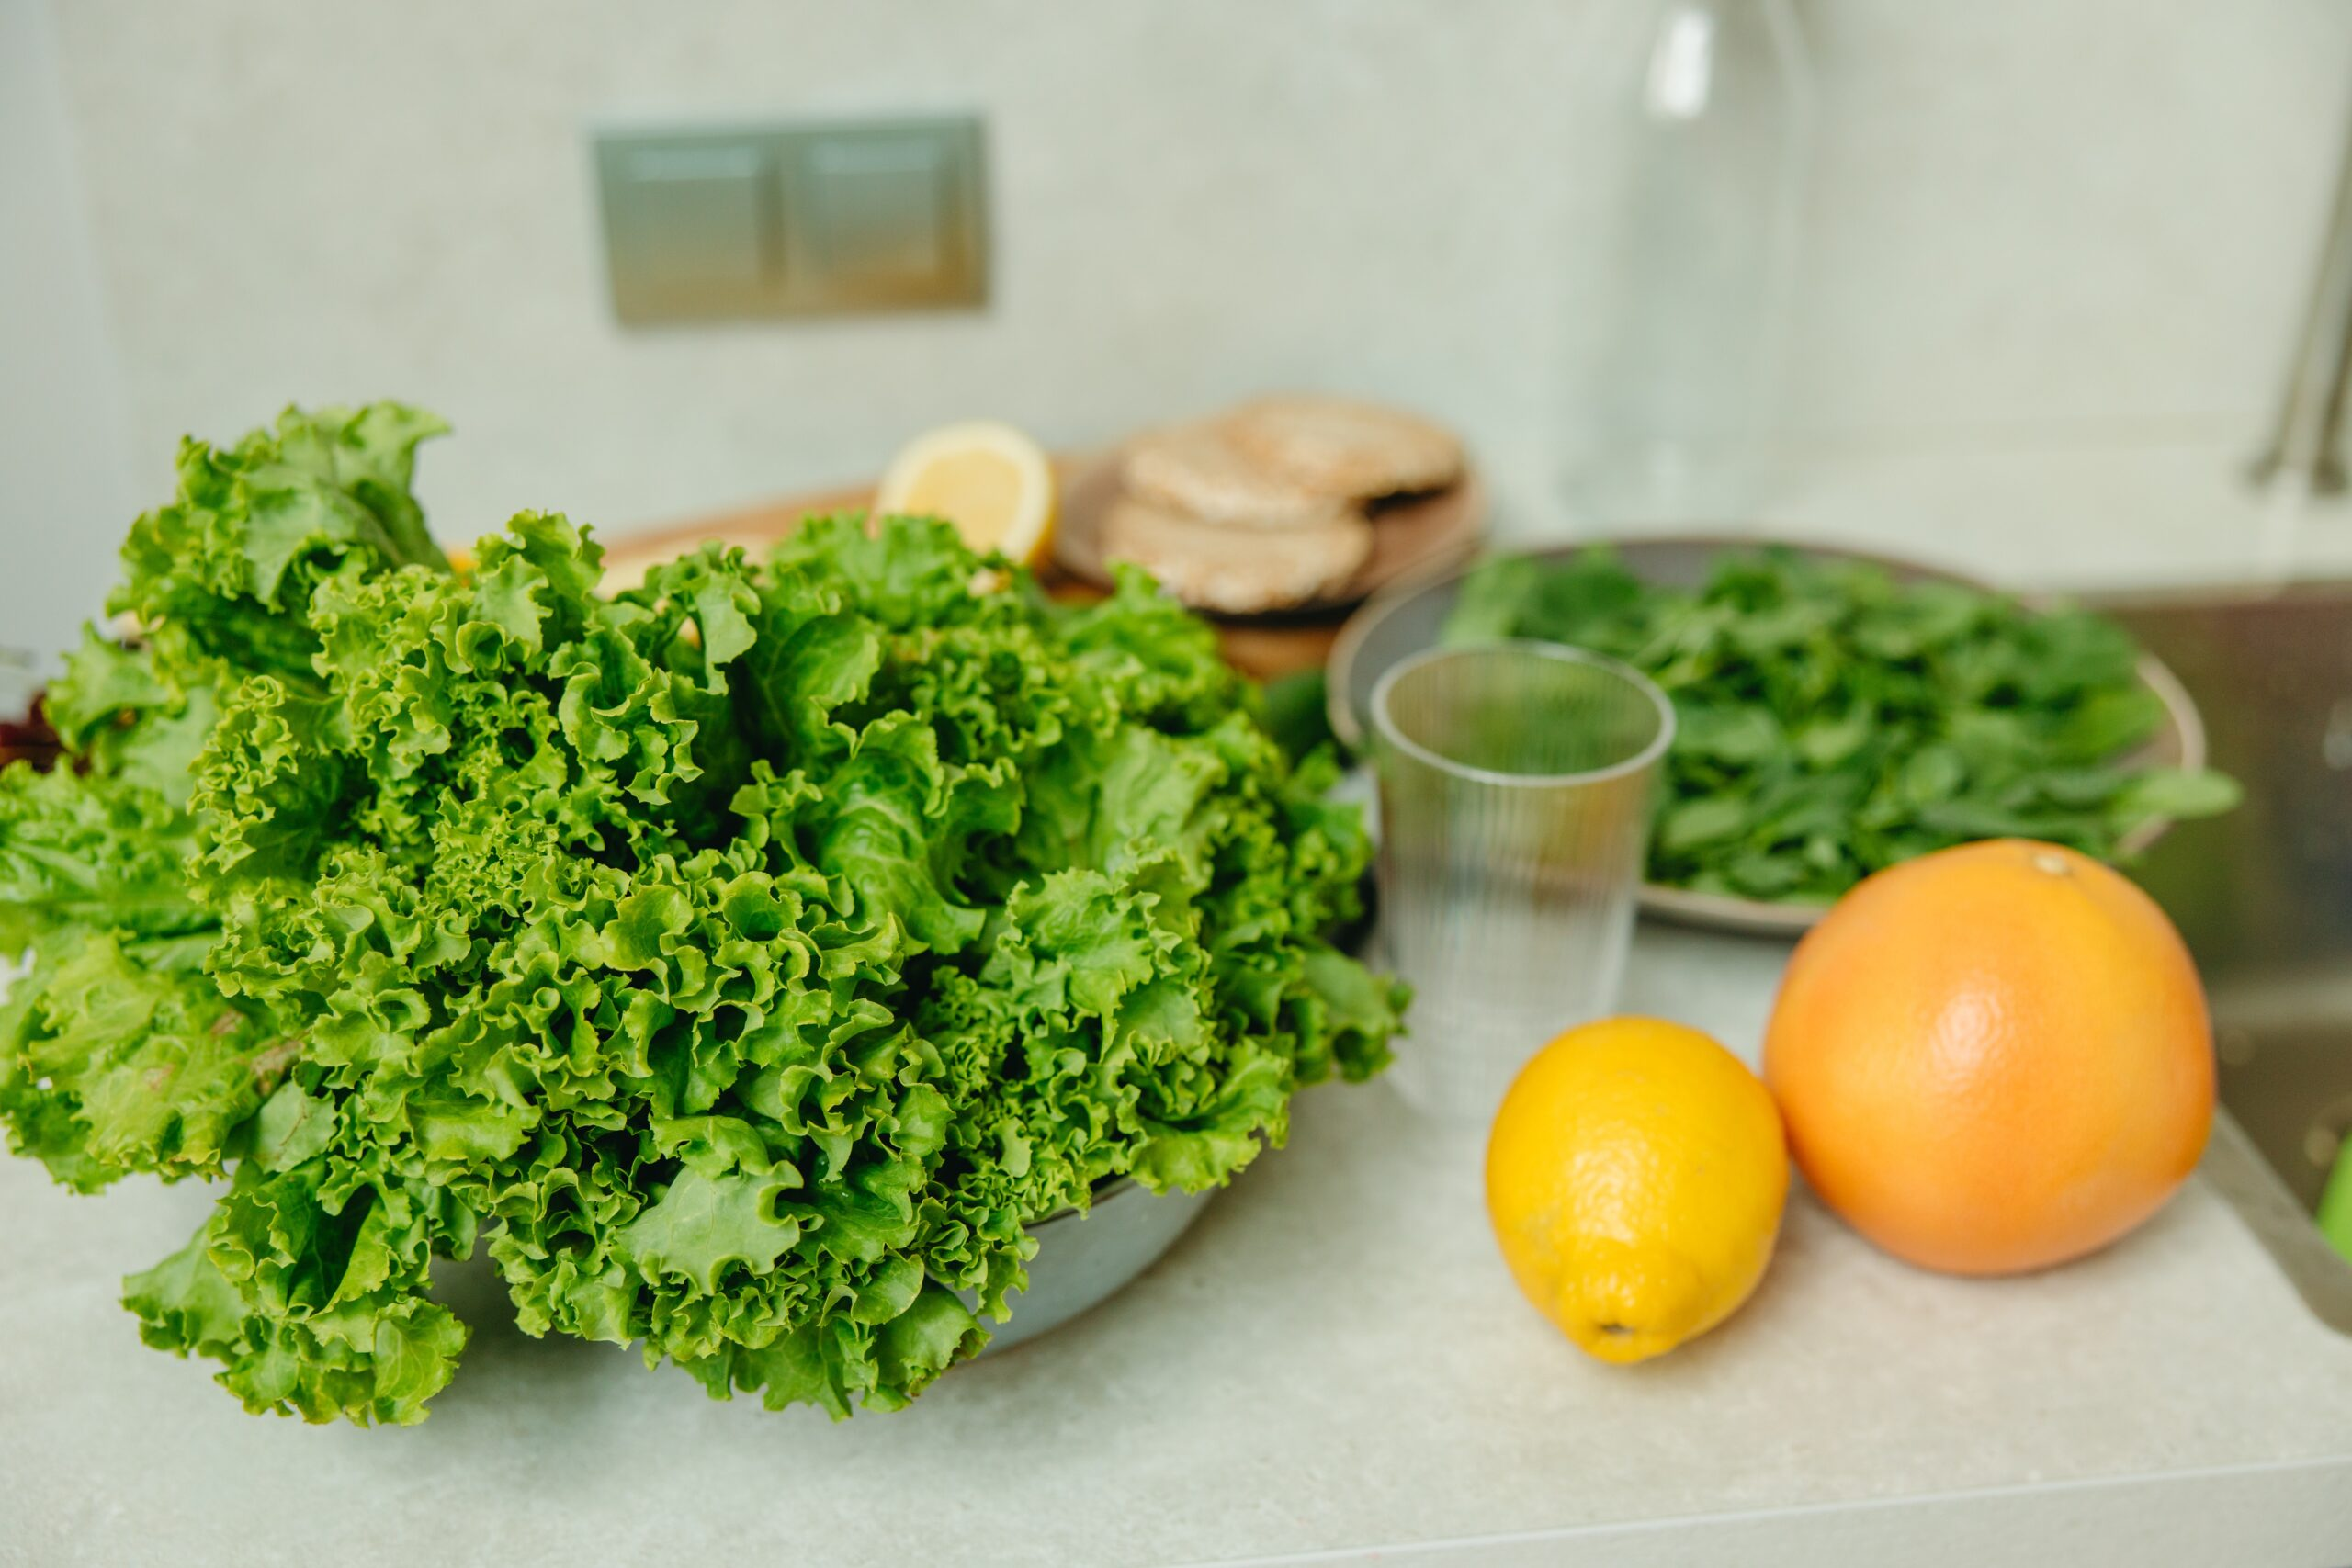 野菜や果実の写真